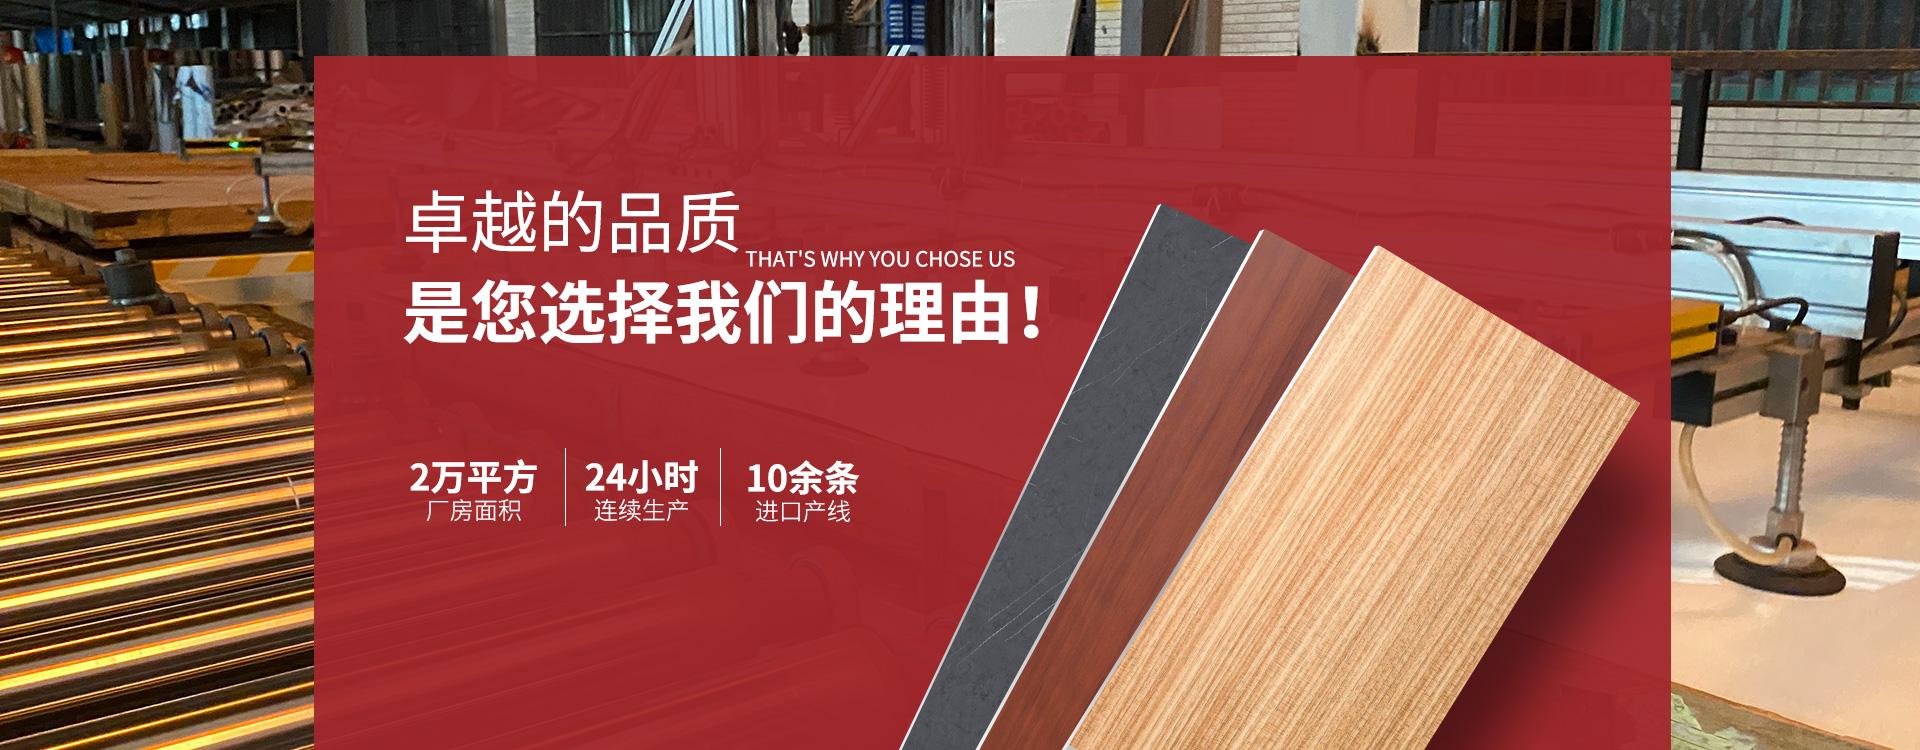 专注高品质彩色不锈钢板、金属装饰板研发创新-佛山晓匠人